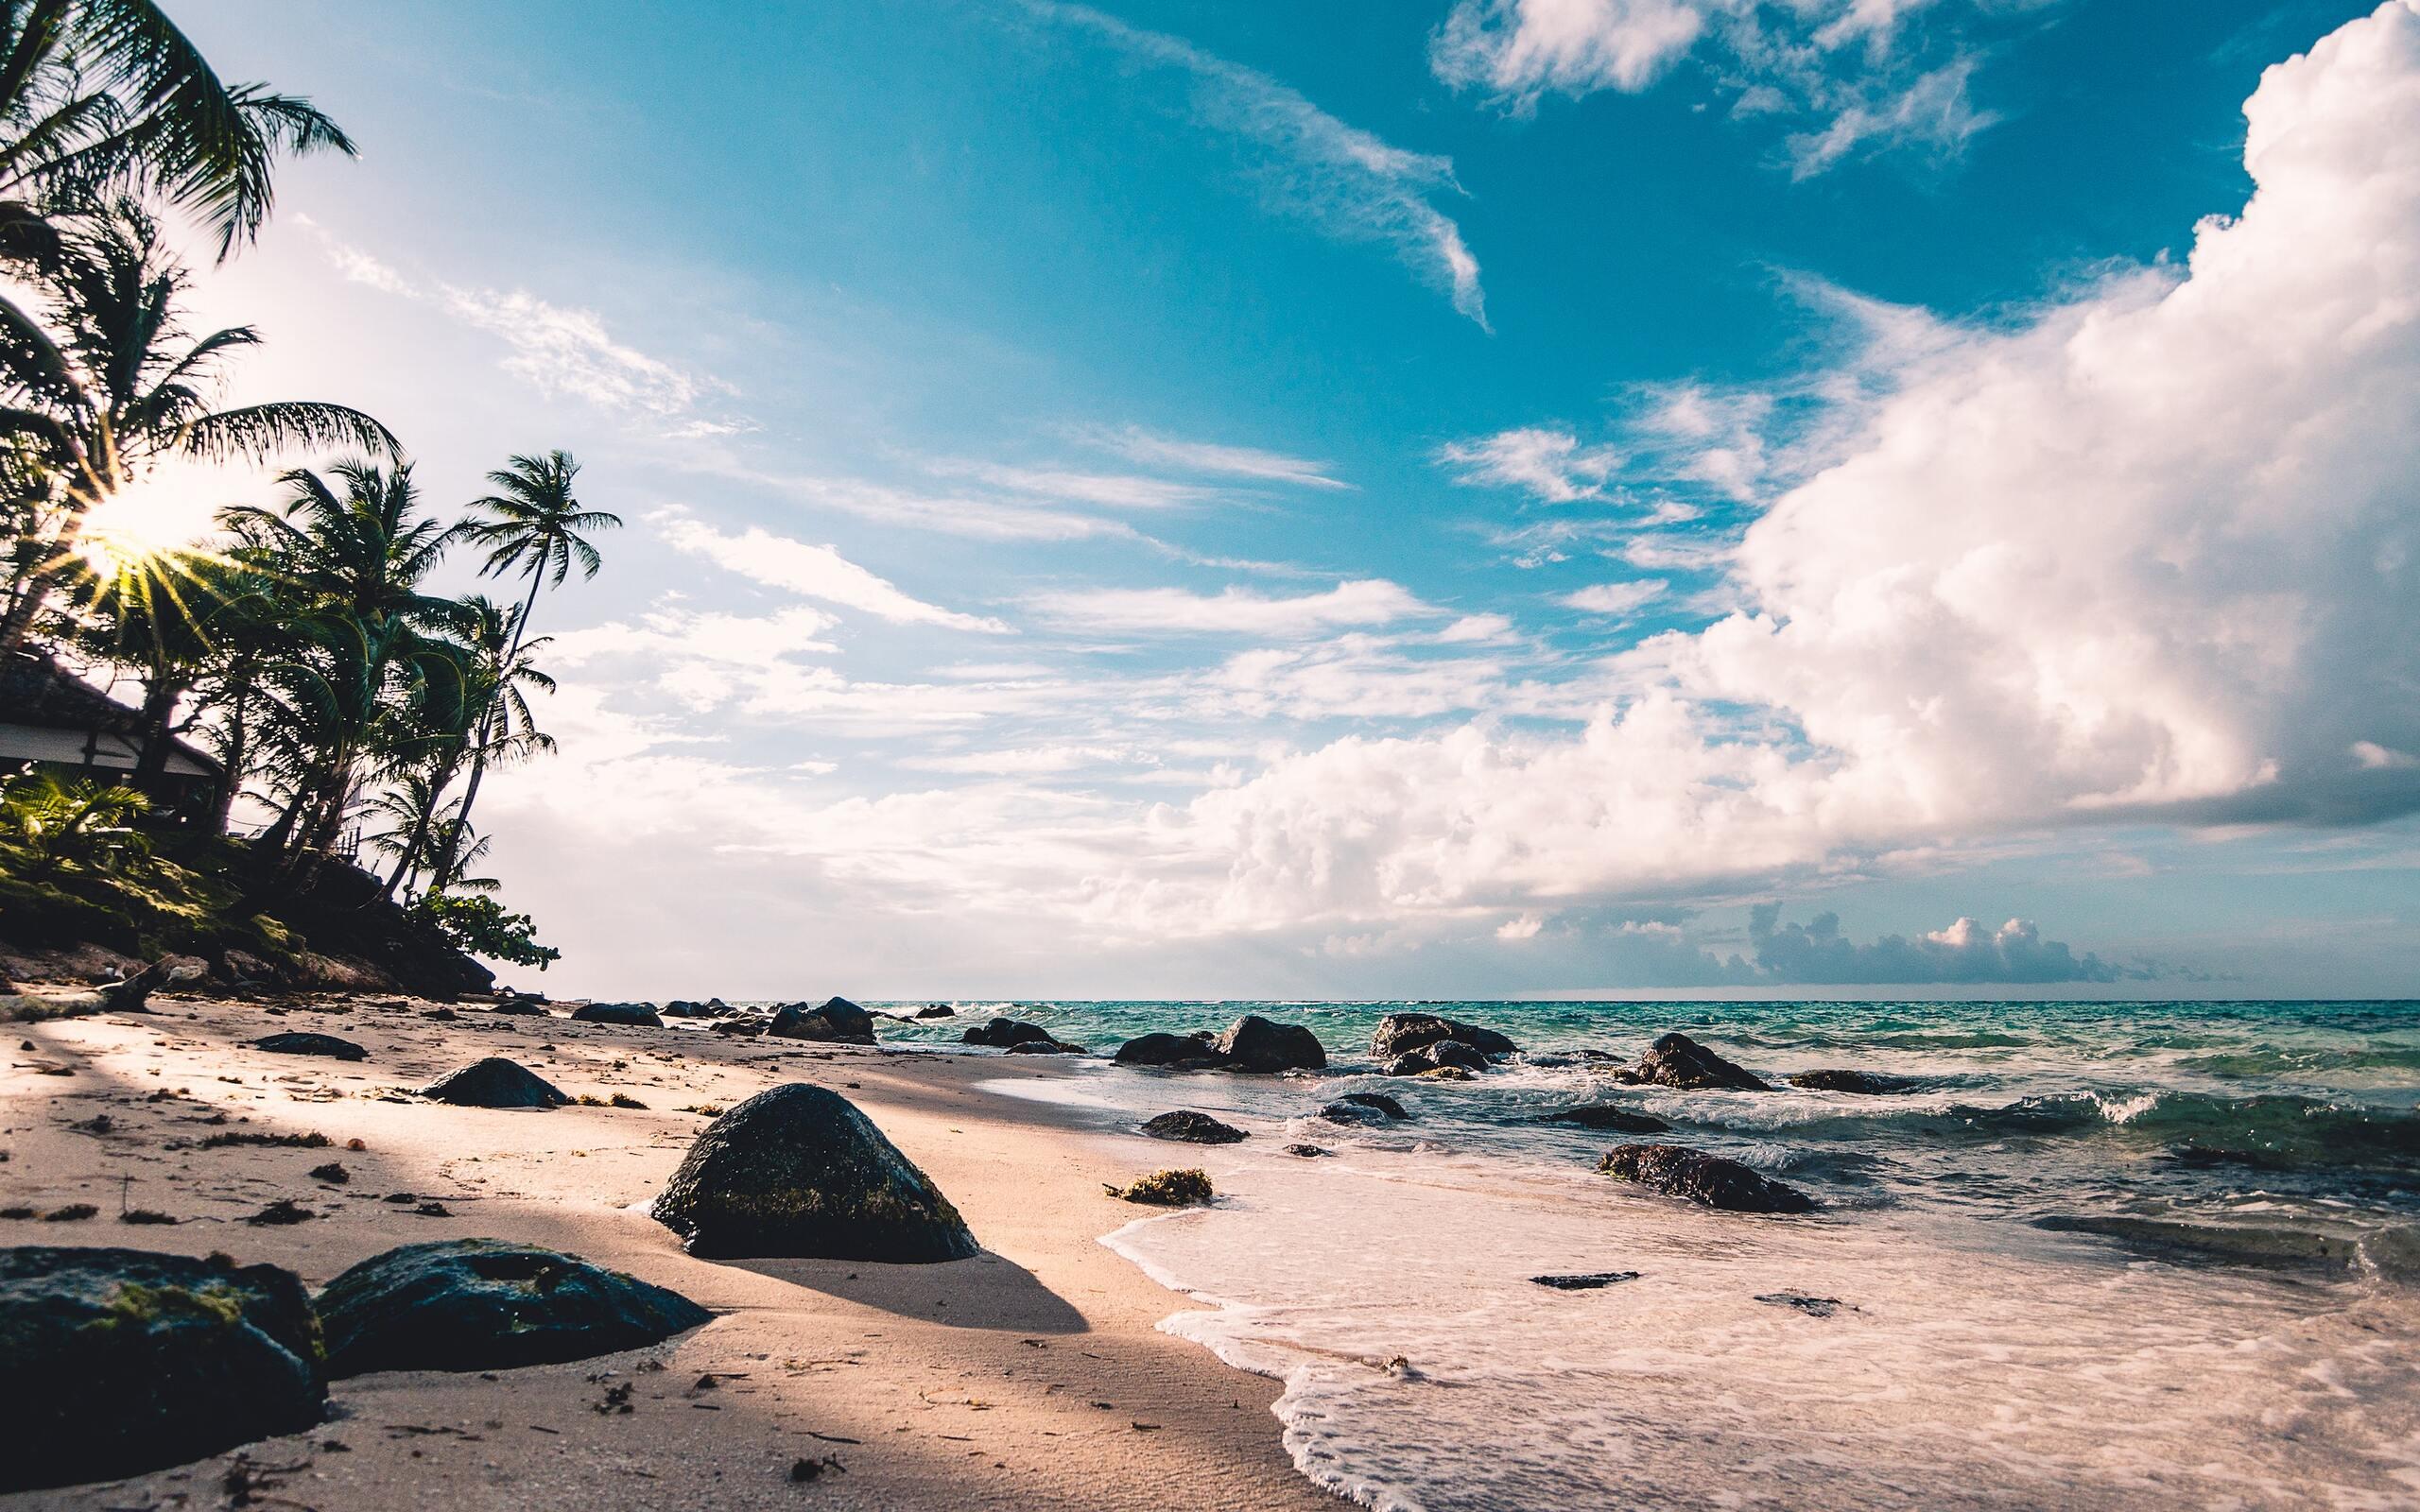 sea-side-beach-0e.jpg